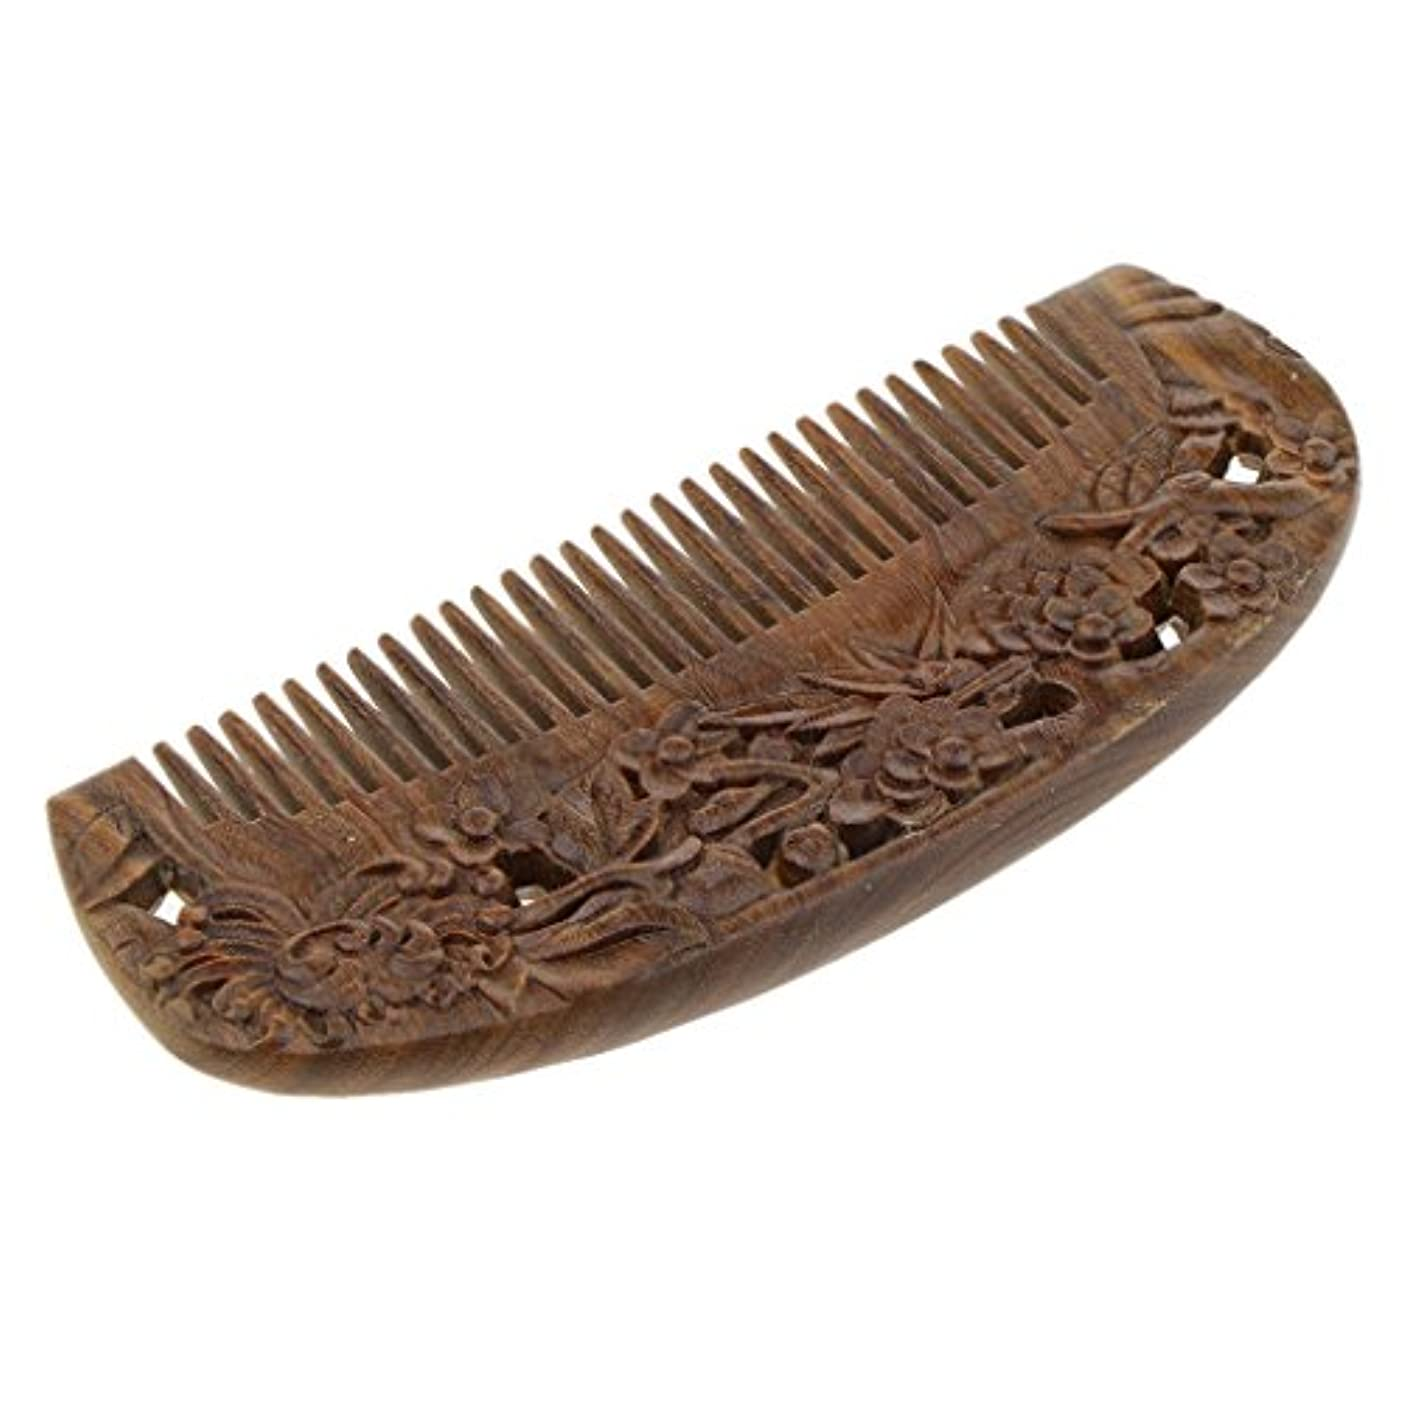 息子抑制シールド全2種類 ウッドコーム ワイド歯 ヘアブラシ 頭皮マッサージ 木製コーム ヘアスタイリング - #2